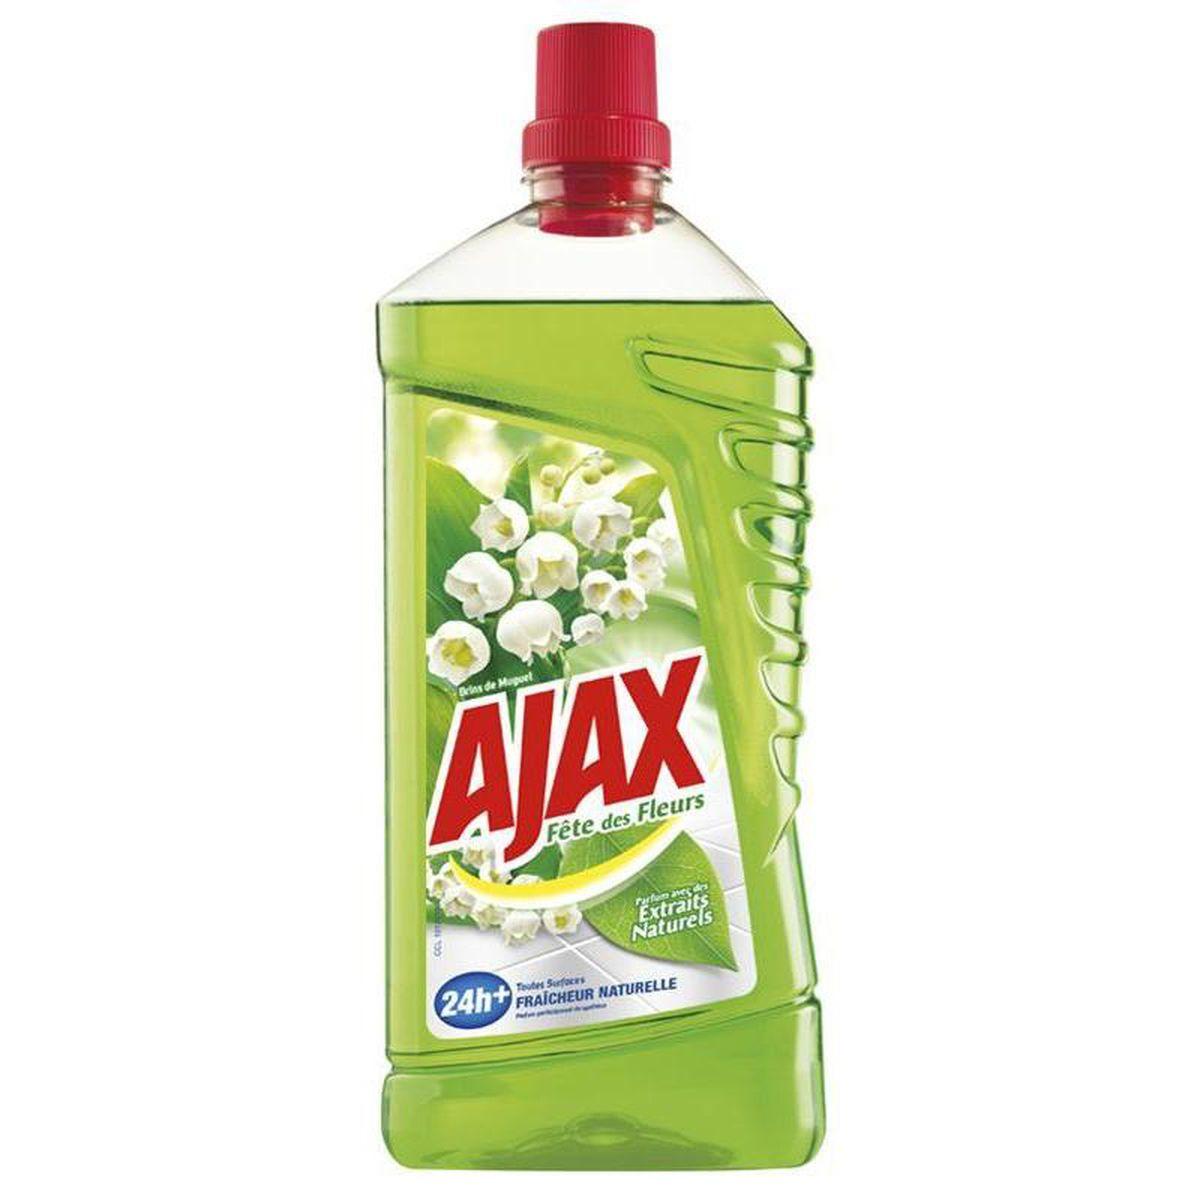 Nettoyant multi-surfaces Muguet, Ajax (1.25 L)